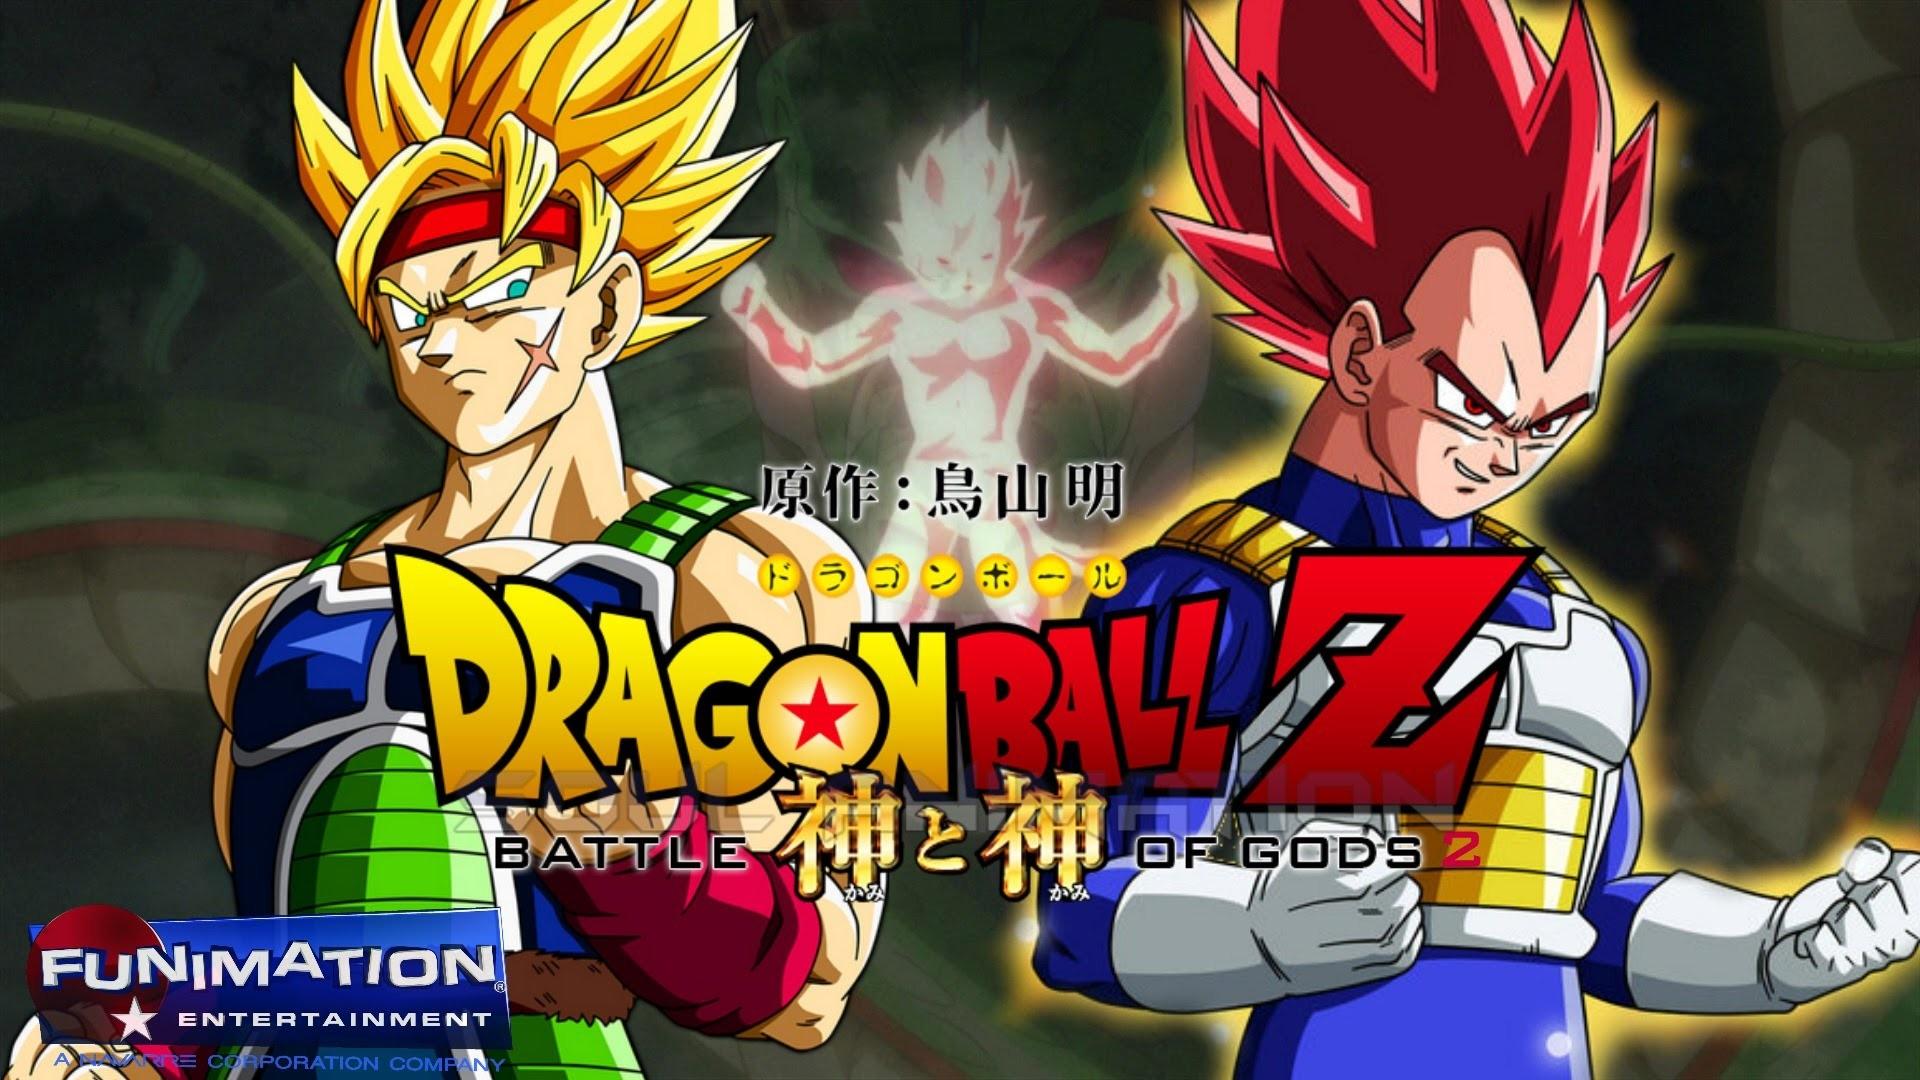 … Dragon Ball Z Wallpaper …